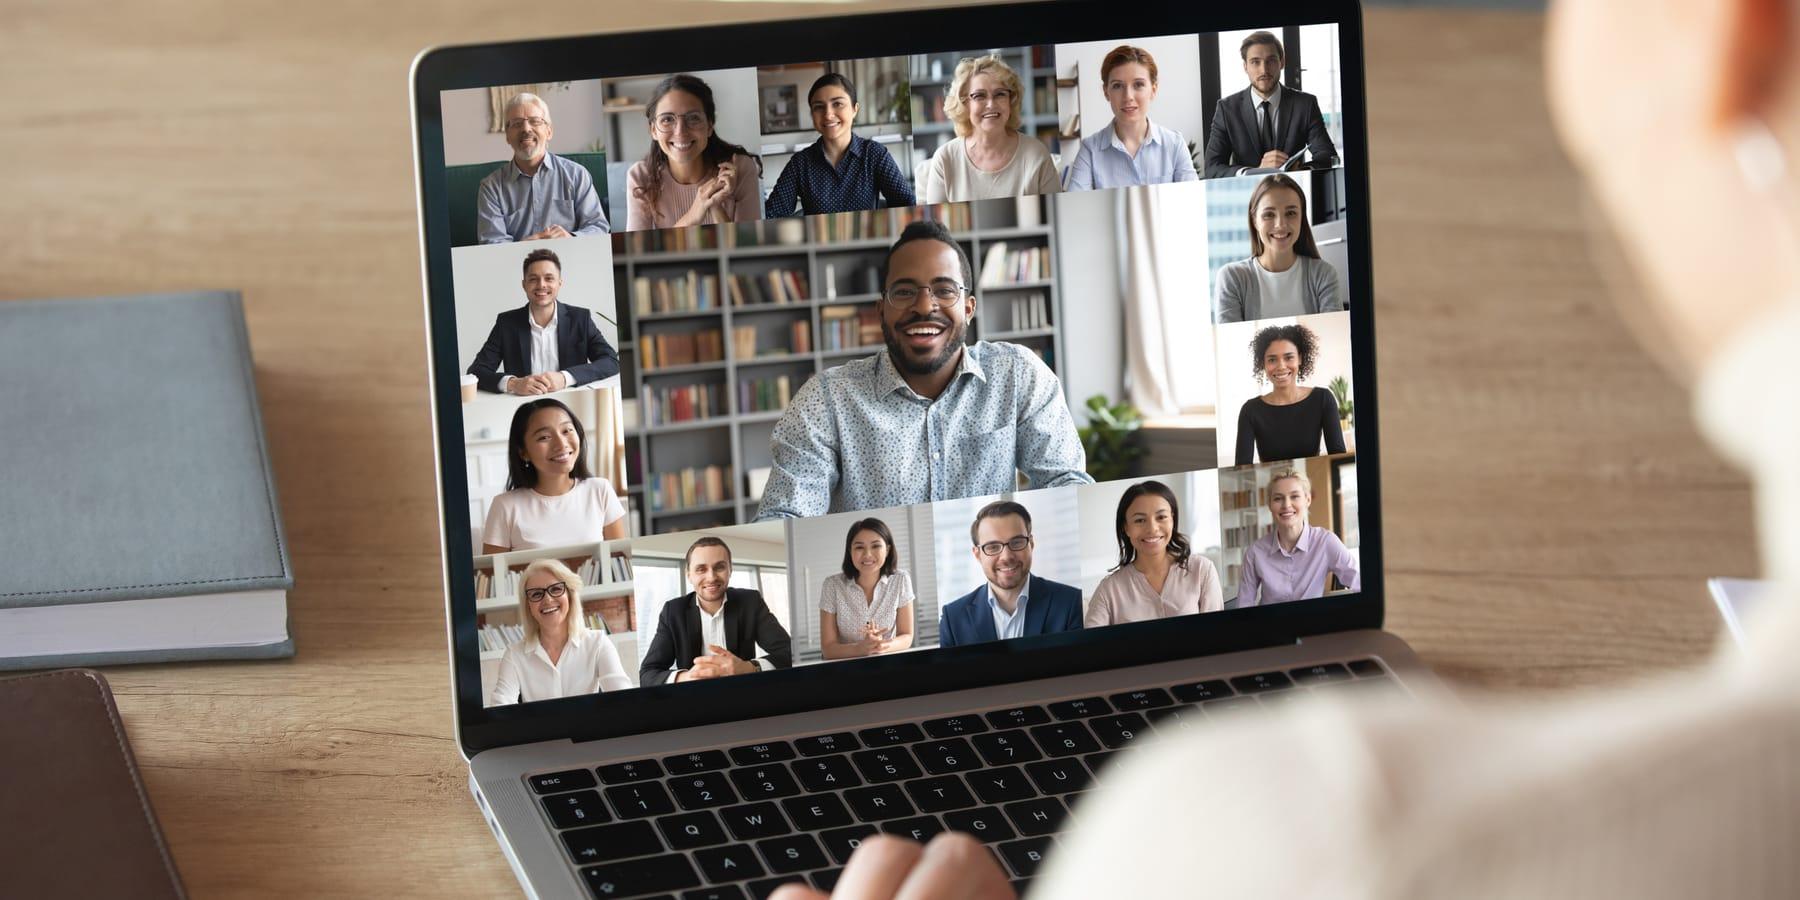 Agora Aktie - Bild von Videokonferenz mit vielen Personen auf dem Bildschirm